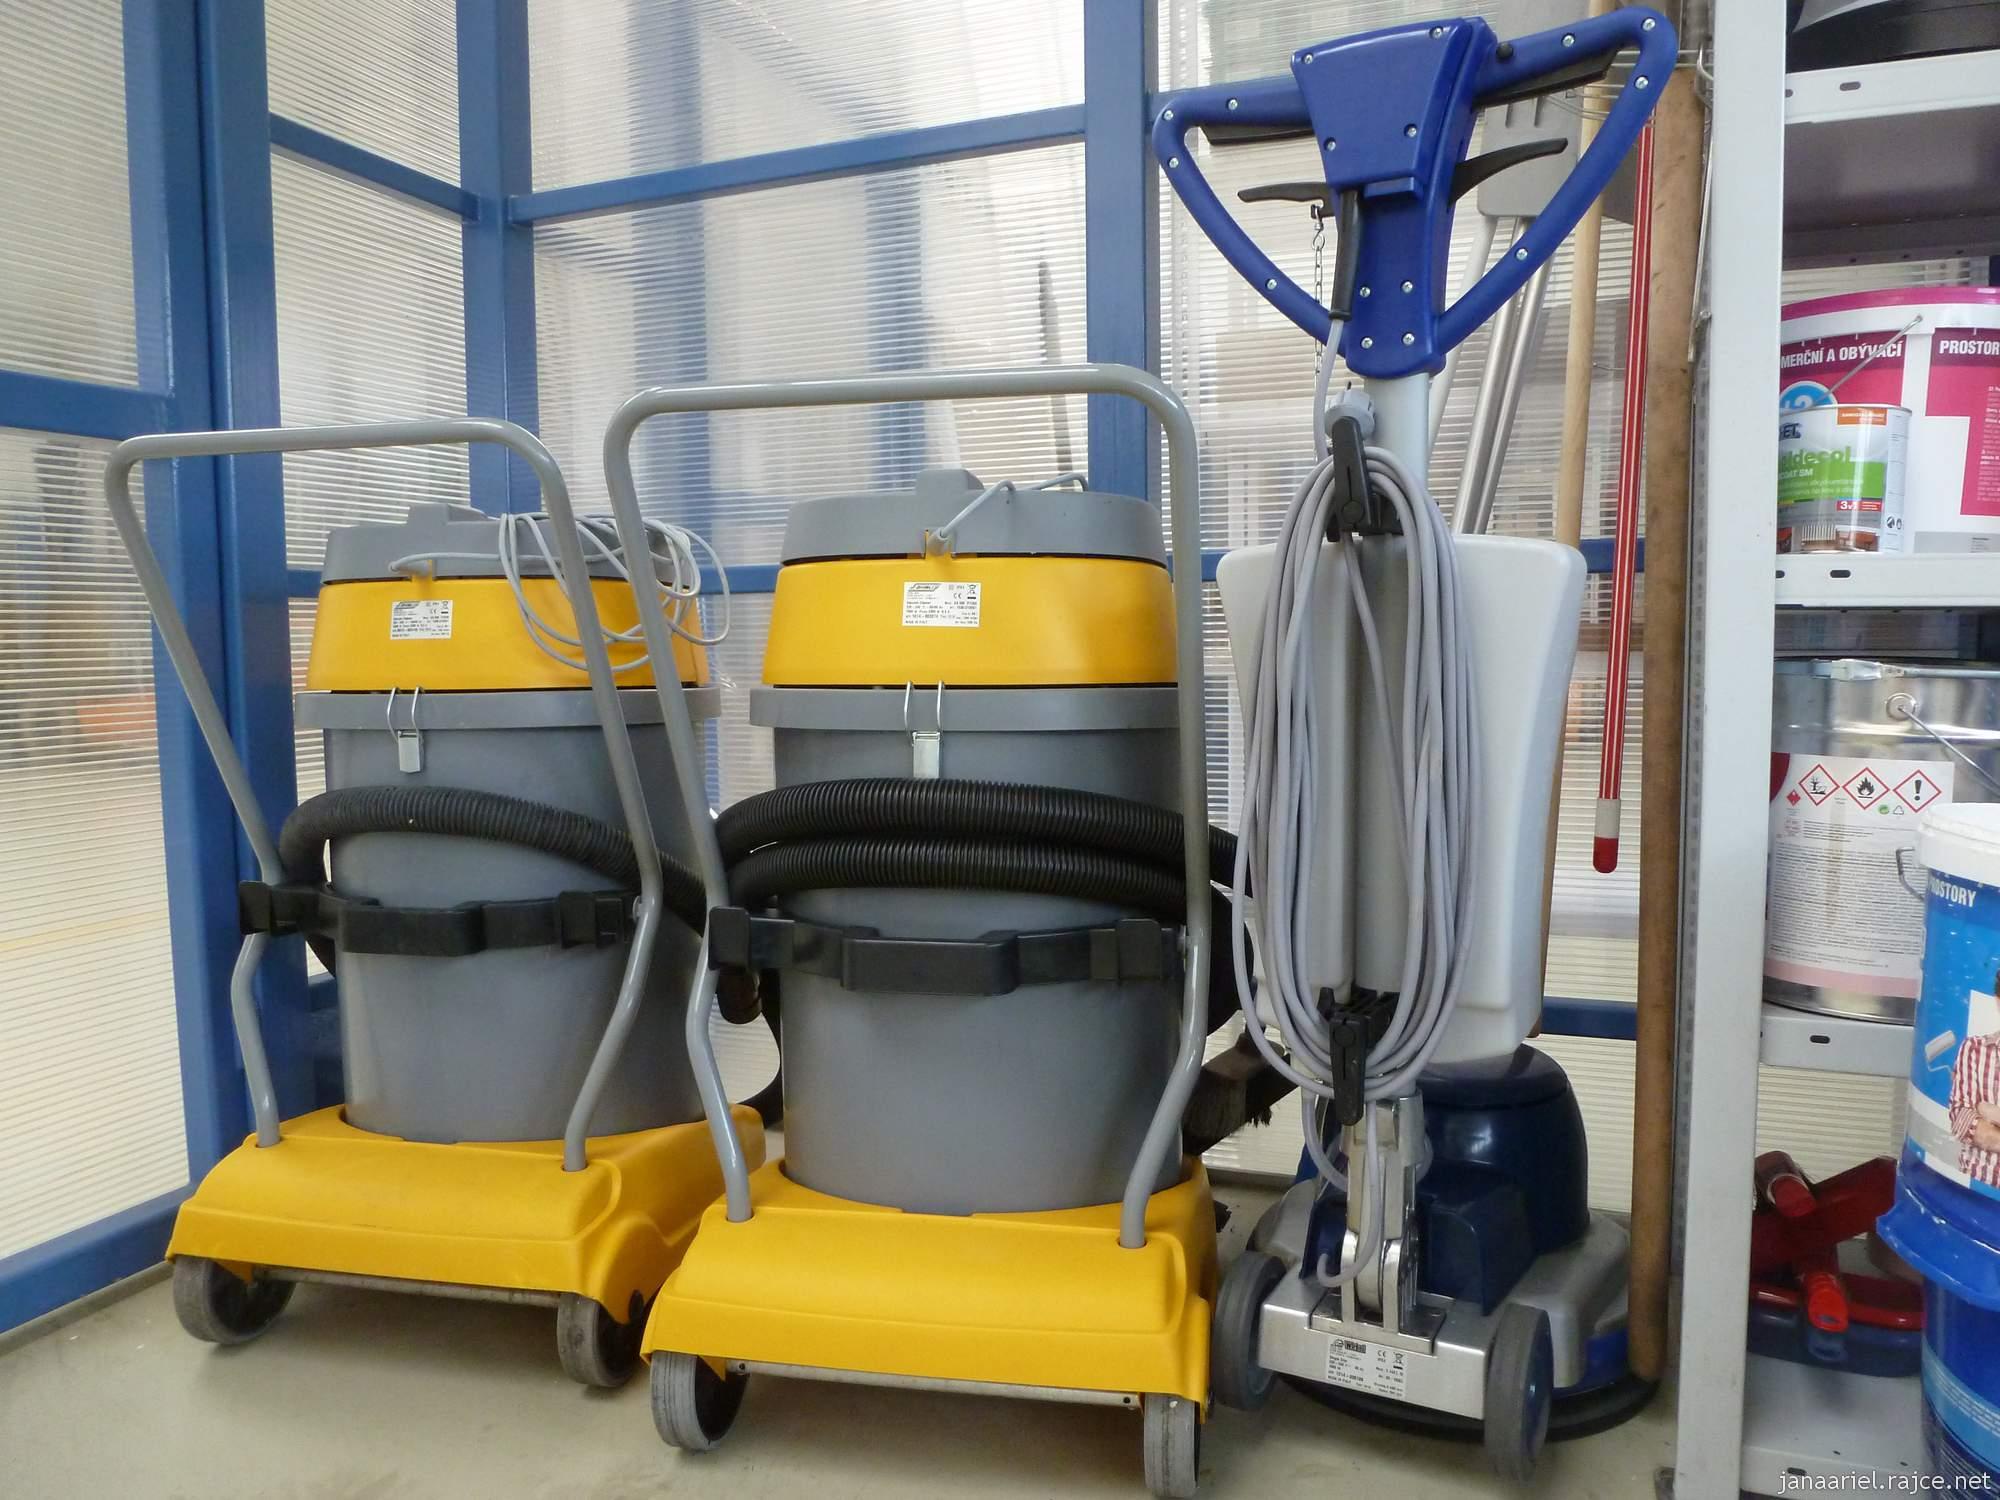 Úklid a čištění nemocnic, průmyslových objektů, firem, institucí a bytů